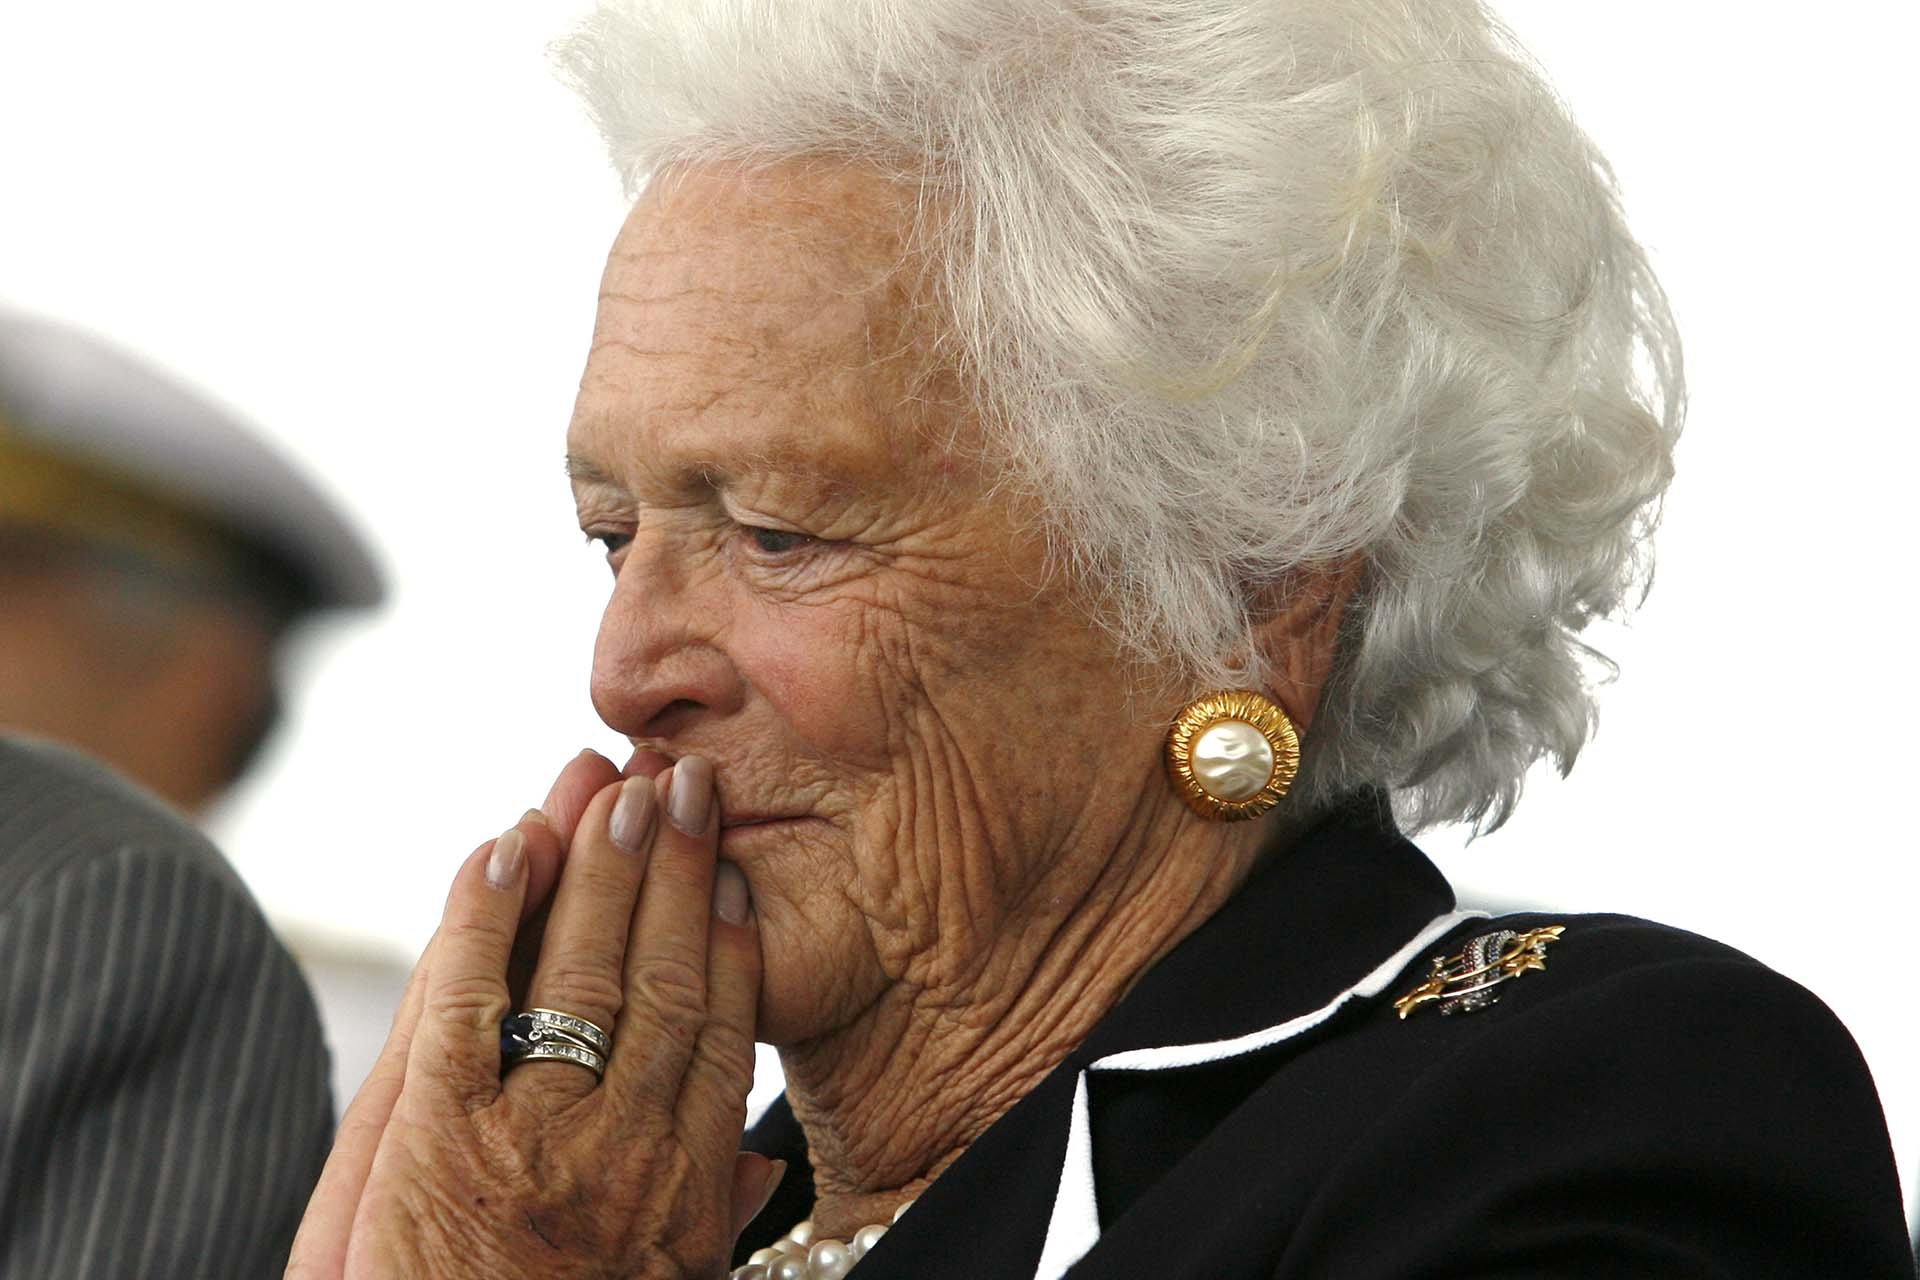 En la ceremonia de inauguración del barcoUSS George H.W. Bush en Newport News, Virginia, (REUTERS/Kevin Lamarque)